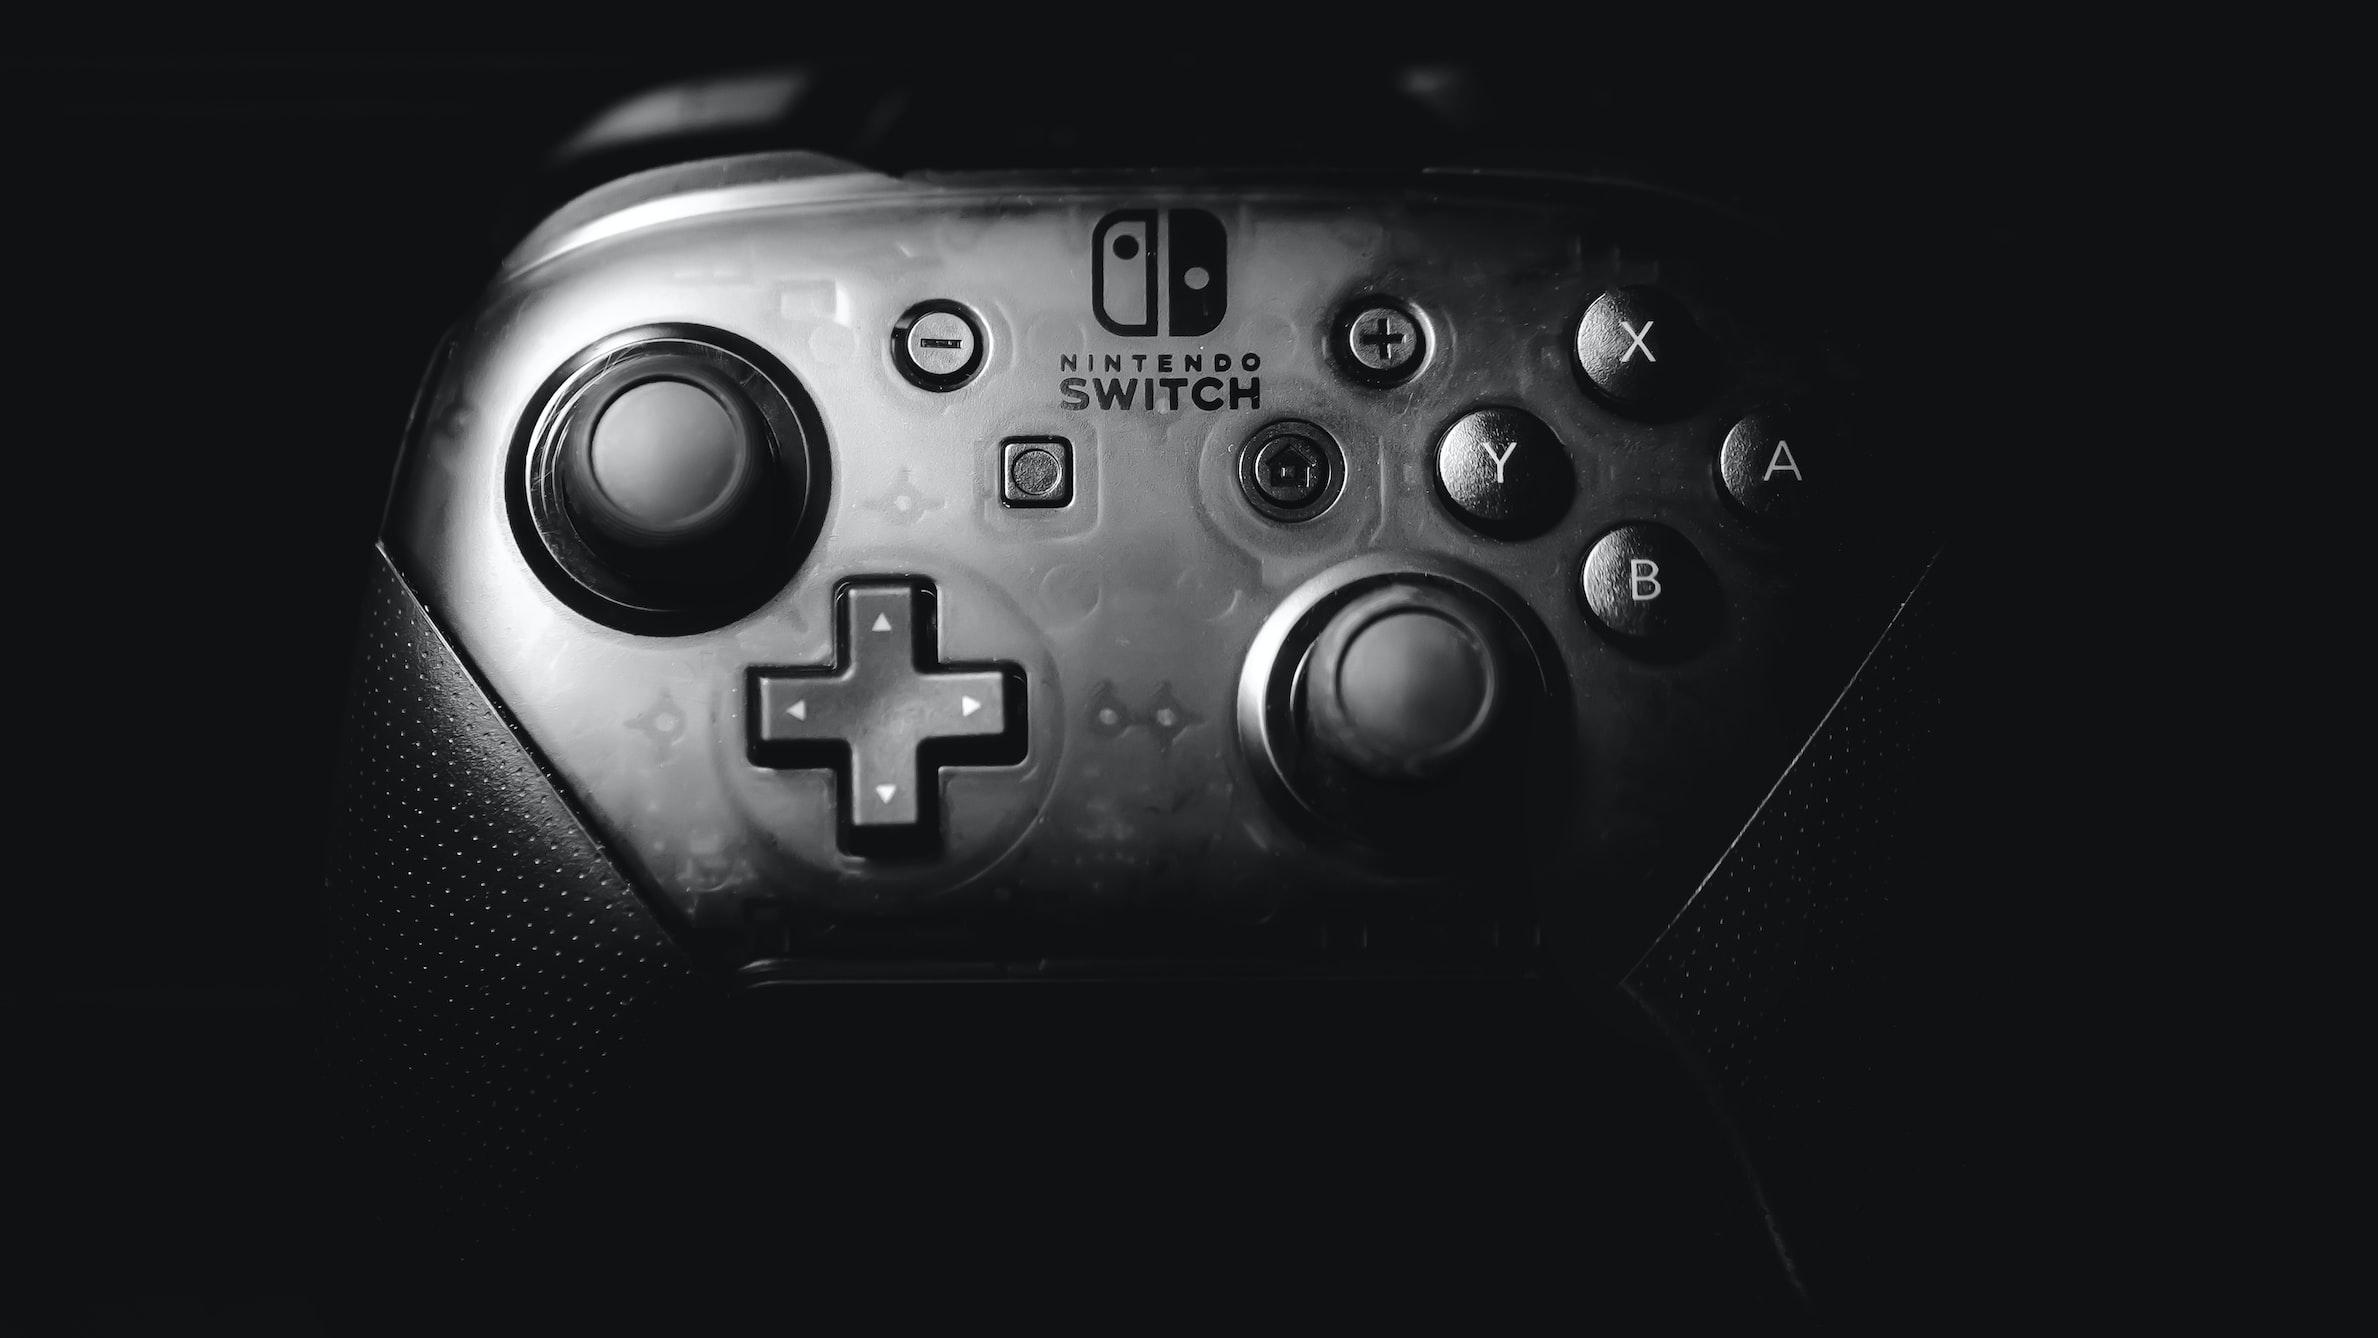 Nintendo-Switch-Zubehör-Pro-Controller